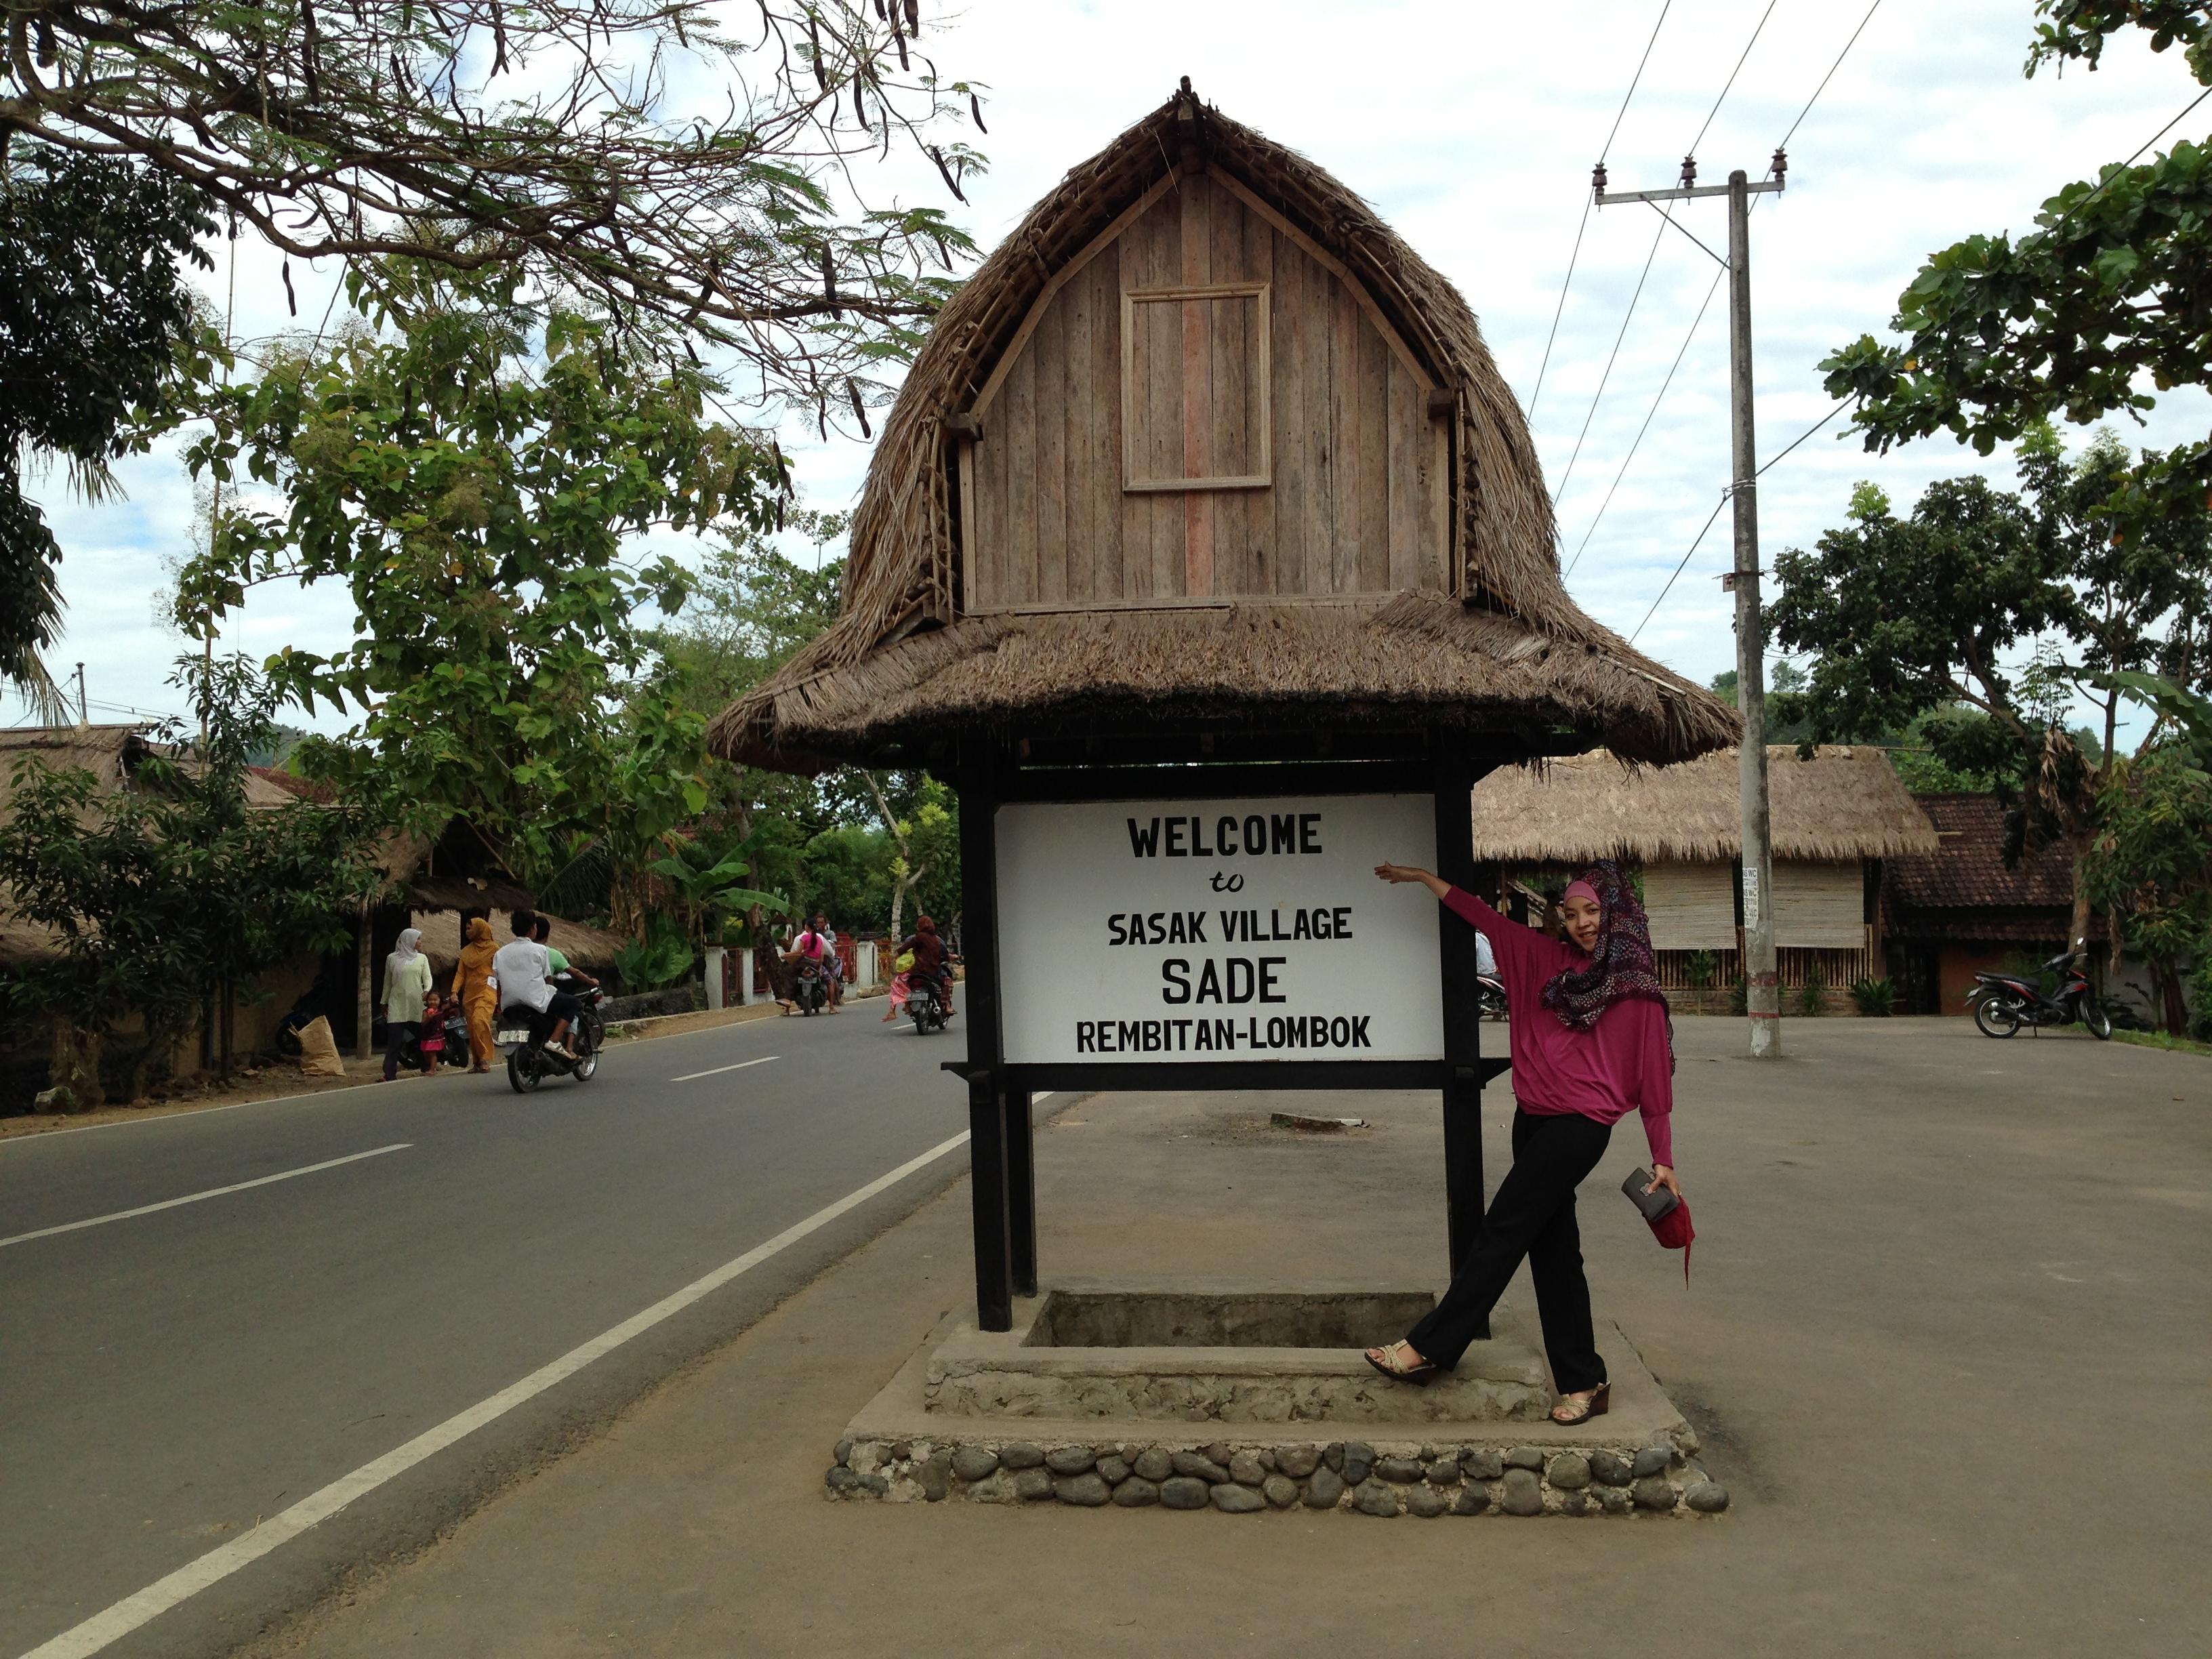 Pesona Kota Lombok Blognya Seniman Bertani Suku Sasak Terkenal Hasil